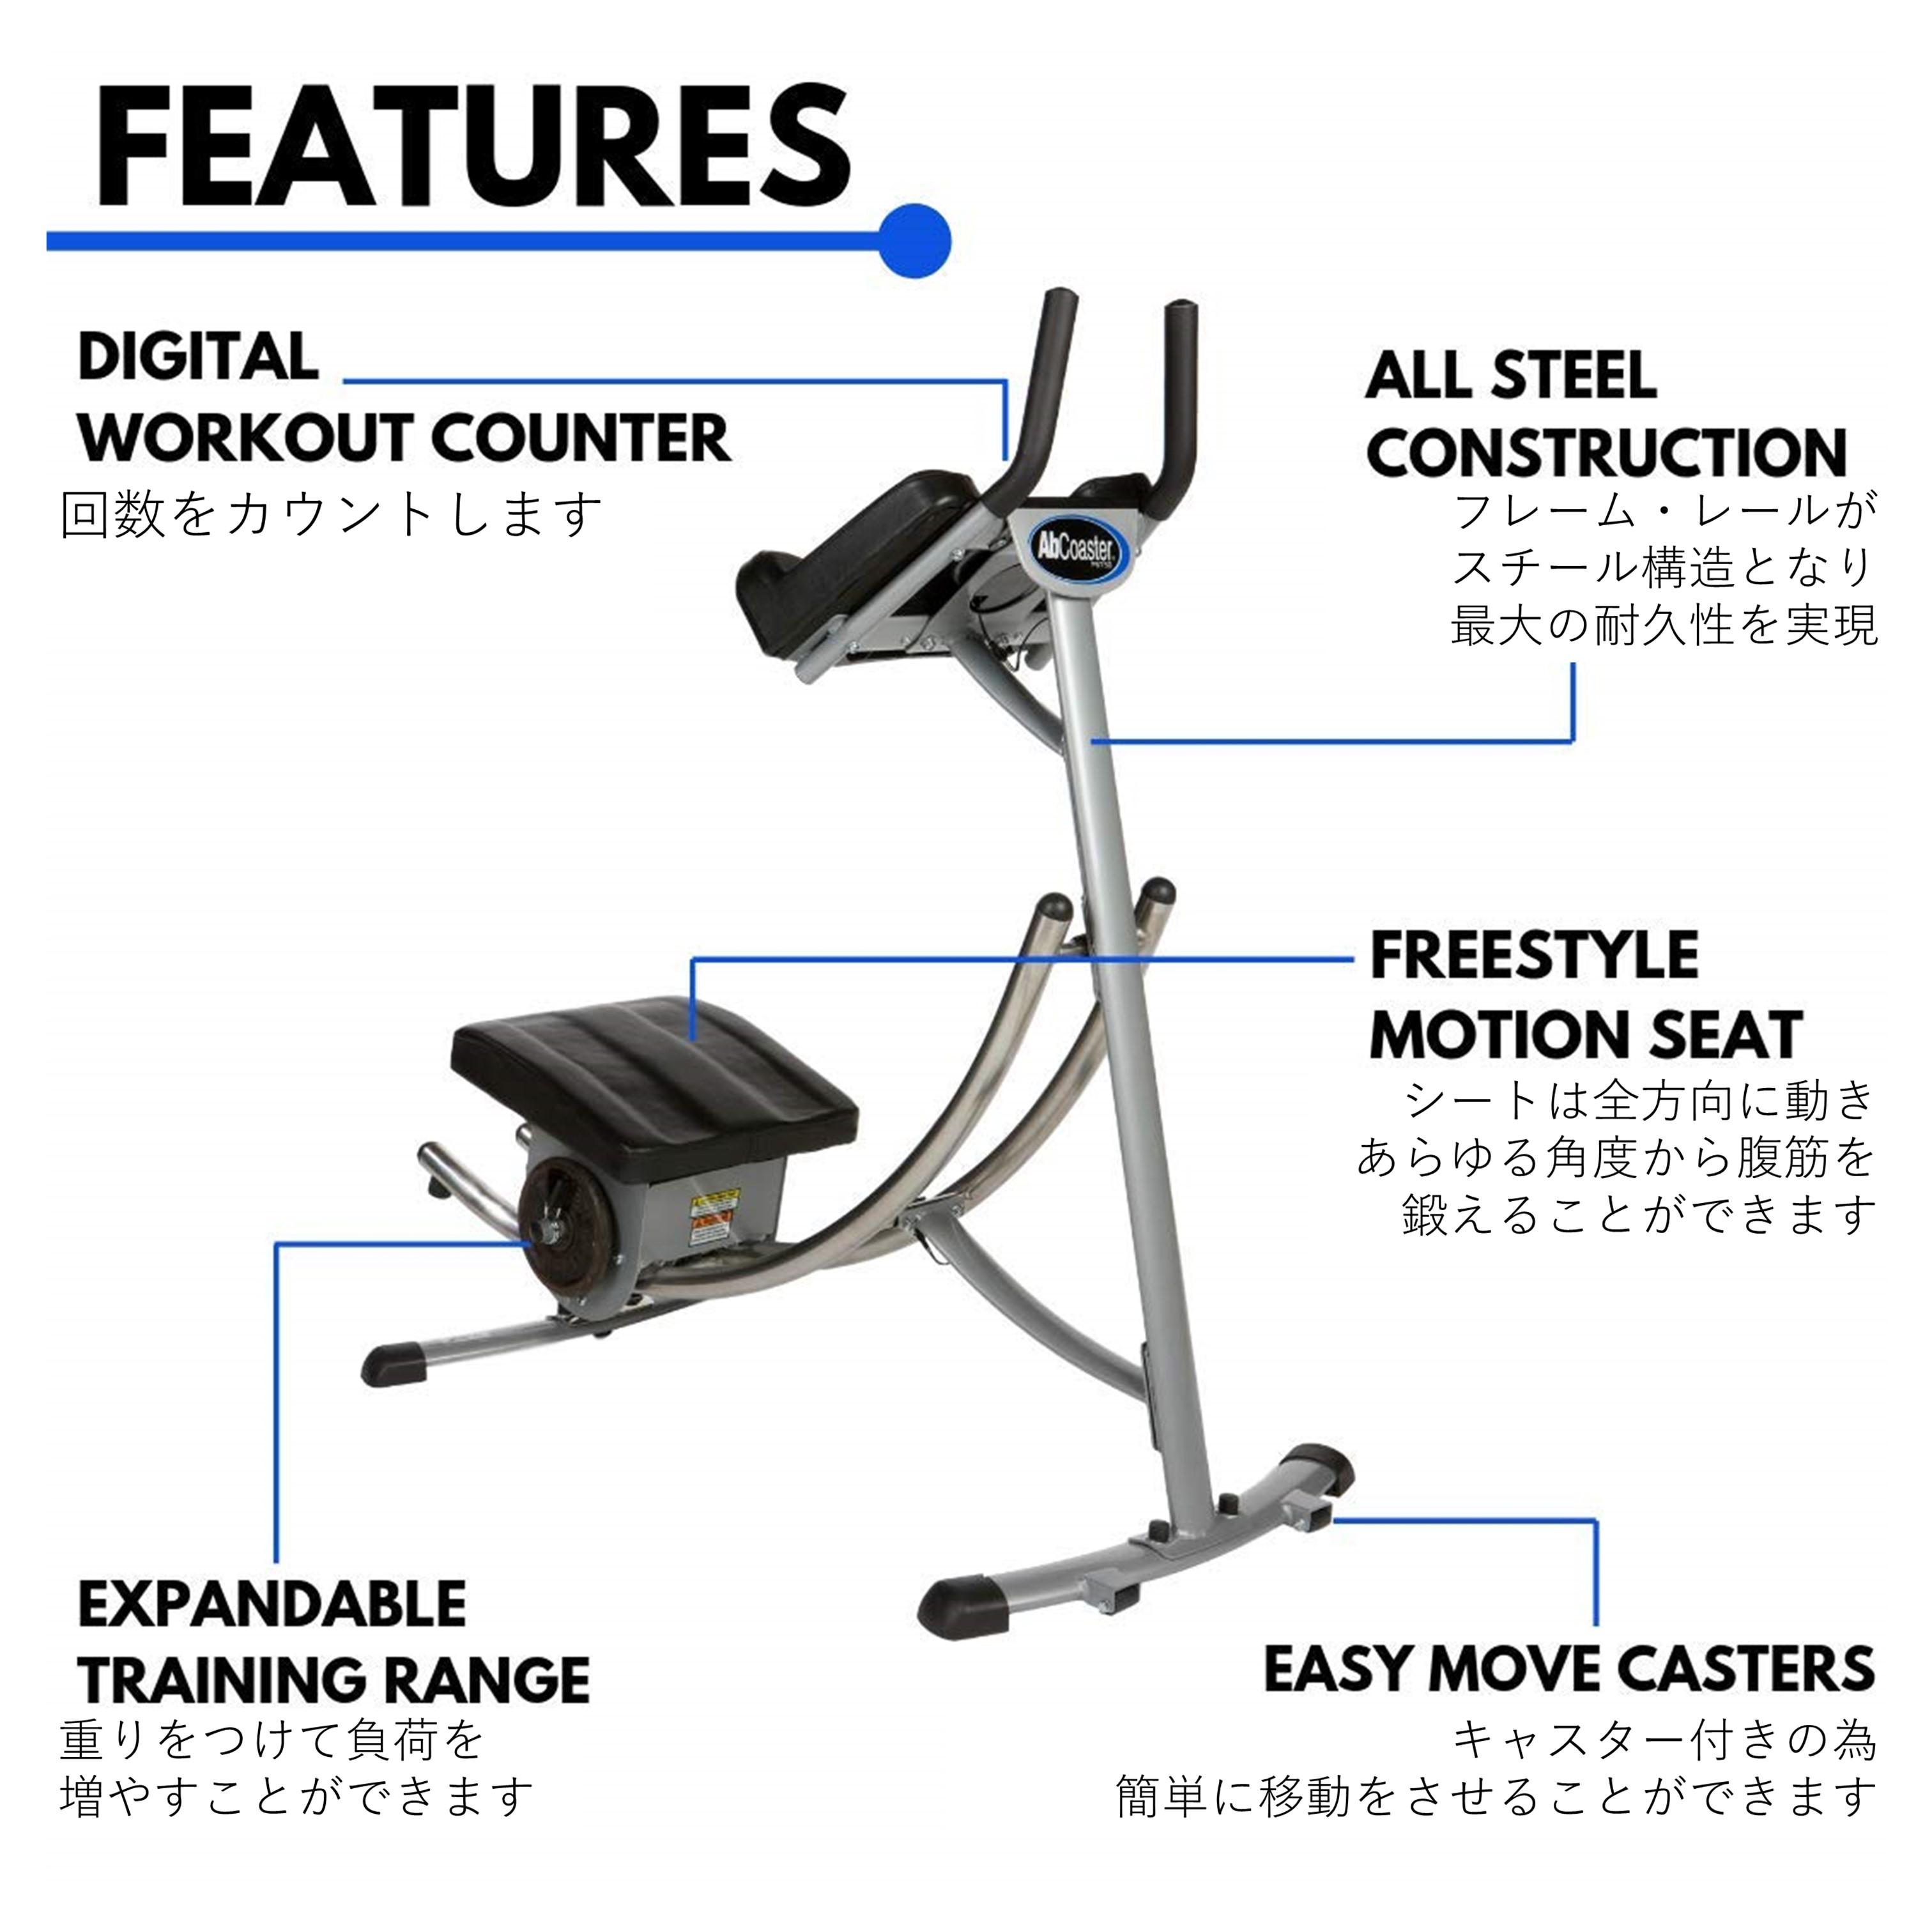 腹筋トレーニングマシン アブコースター 説明図